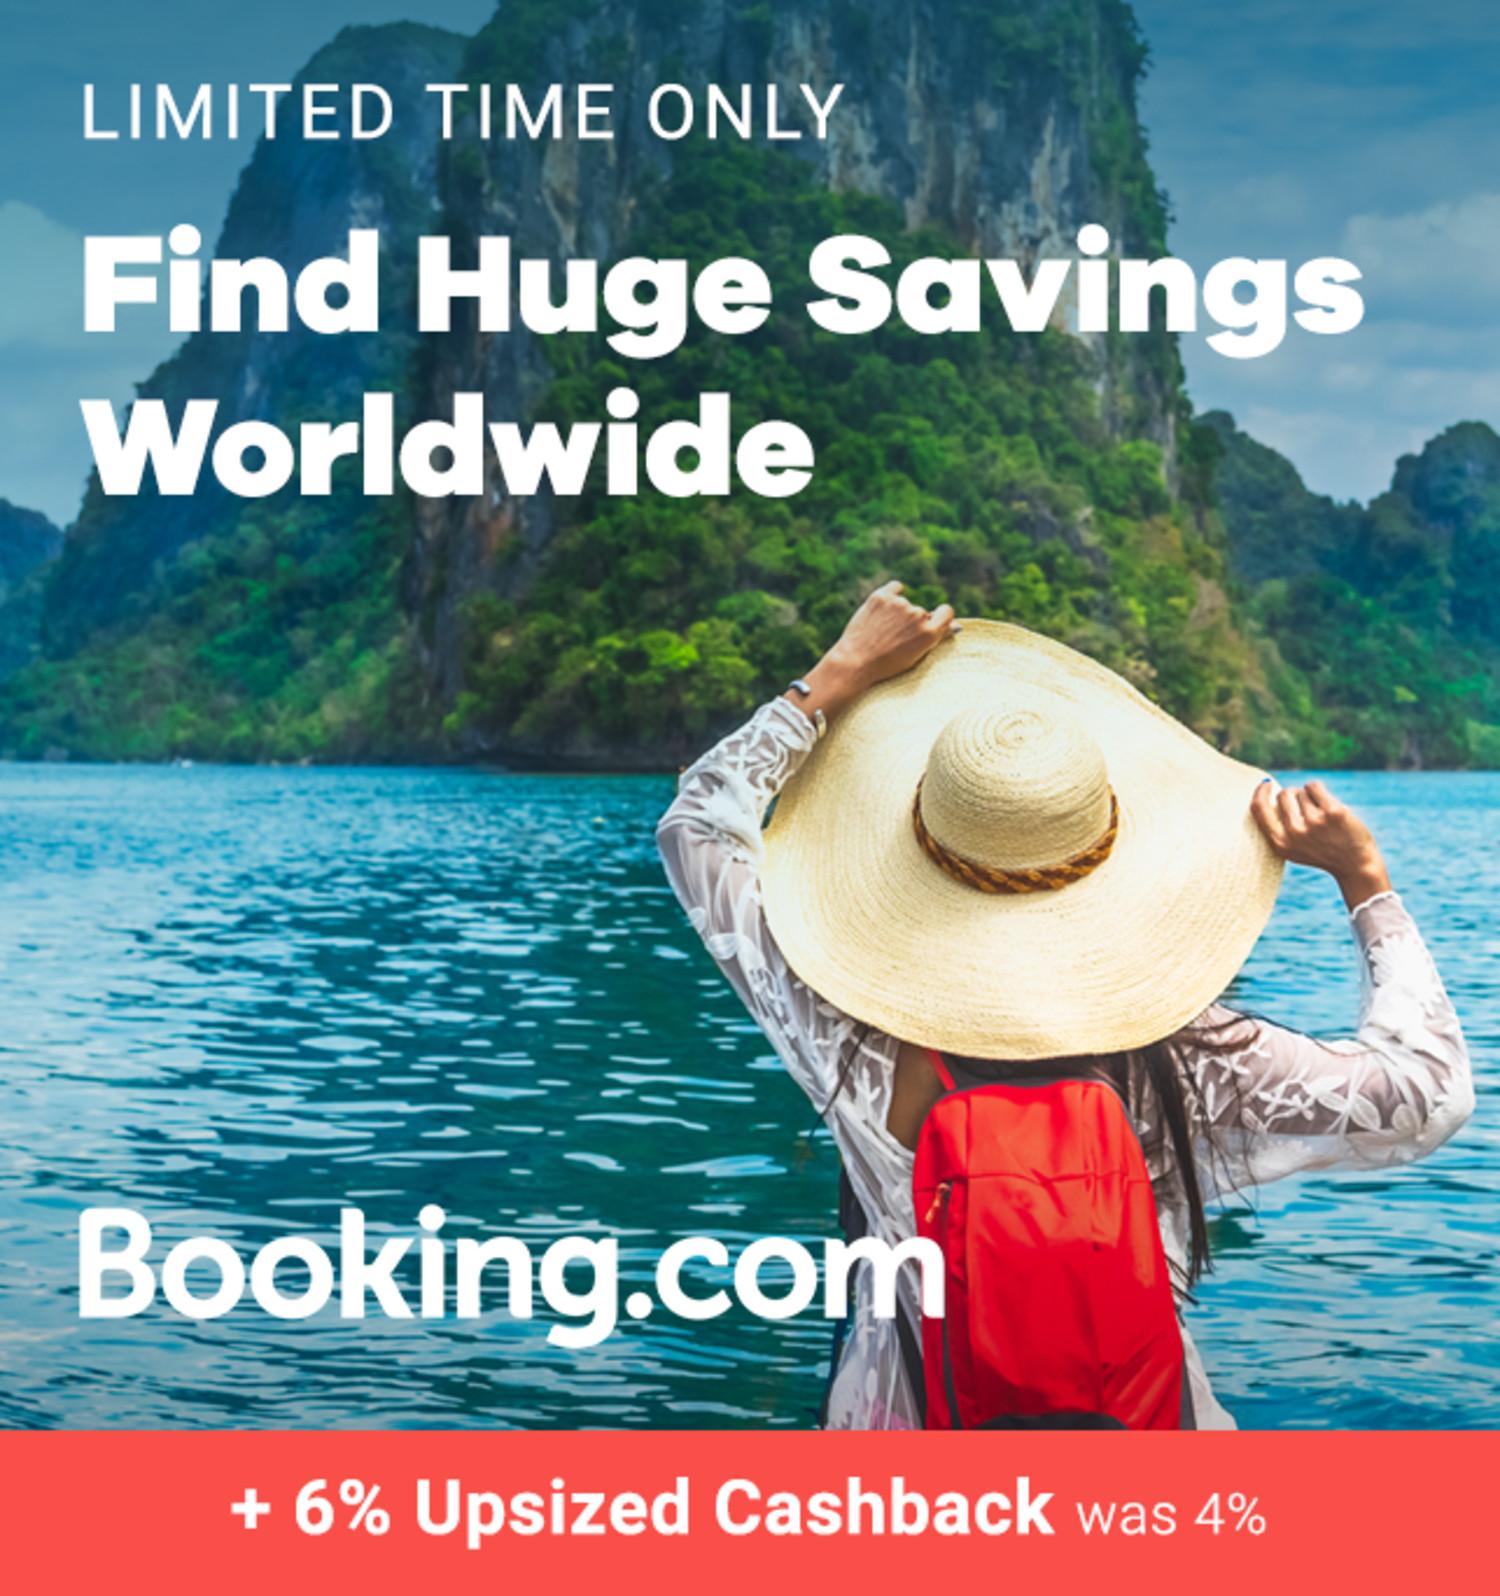 Booking.com - 6% Upsized Cashback